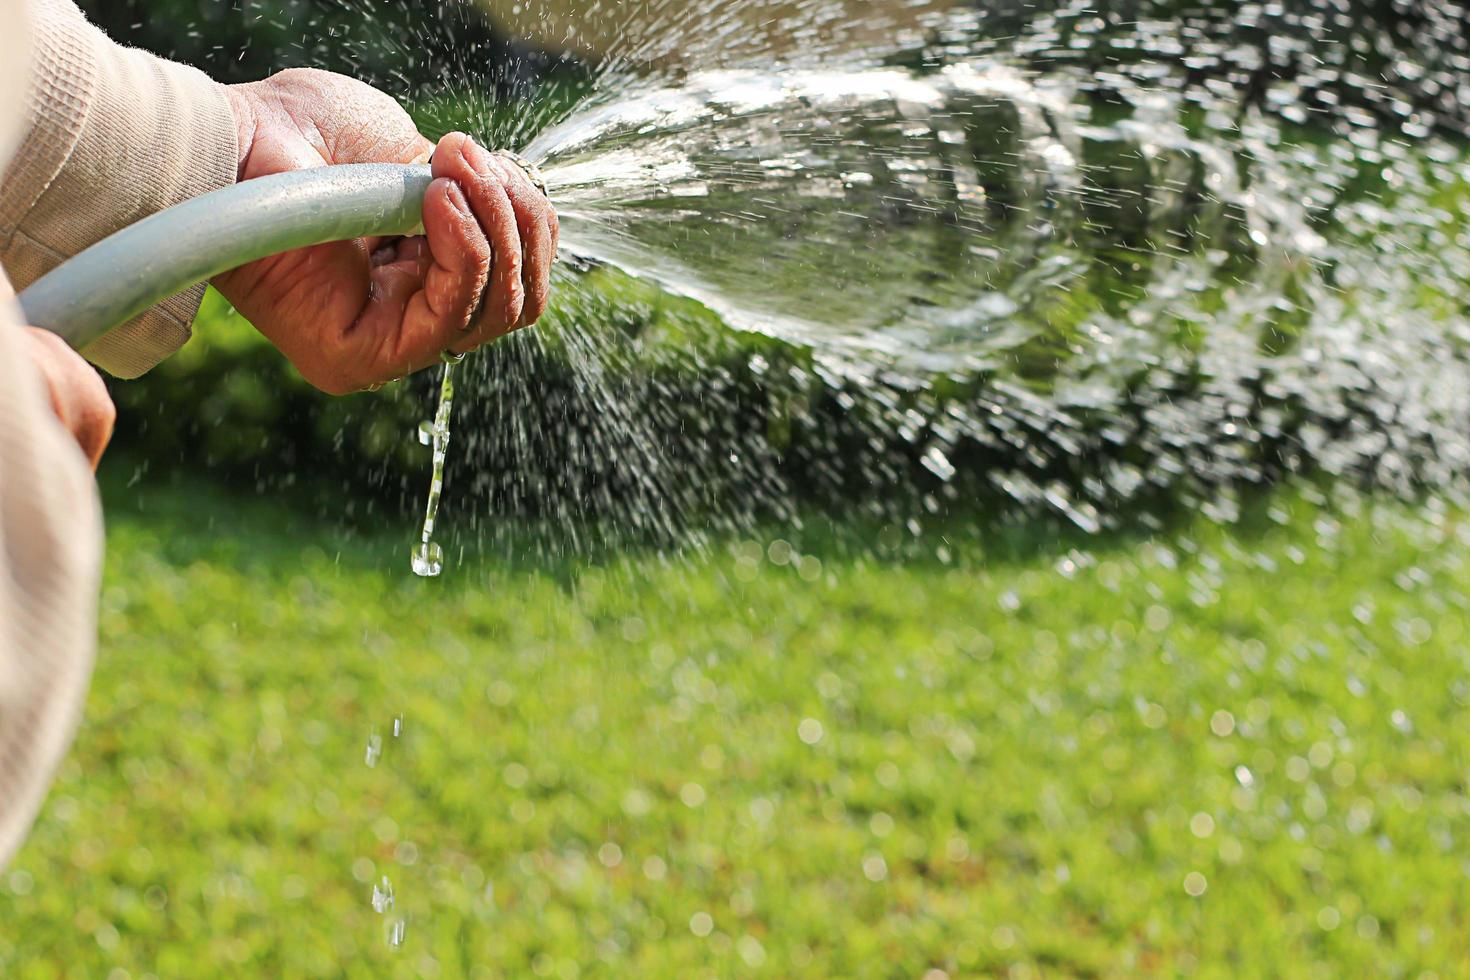 närbild av hand som håller trädgårdsslang foto